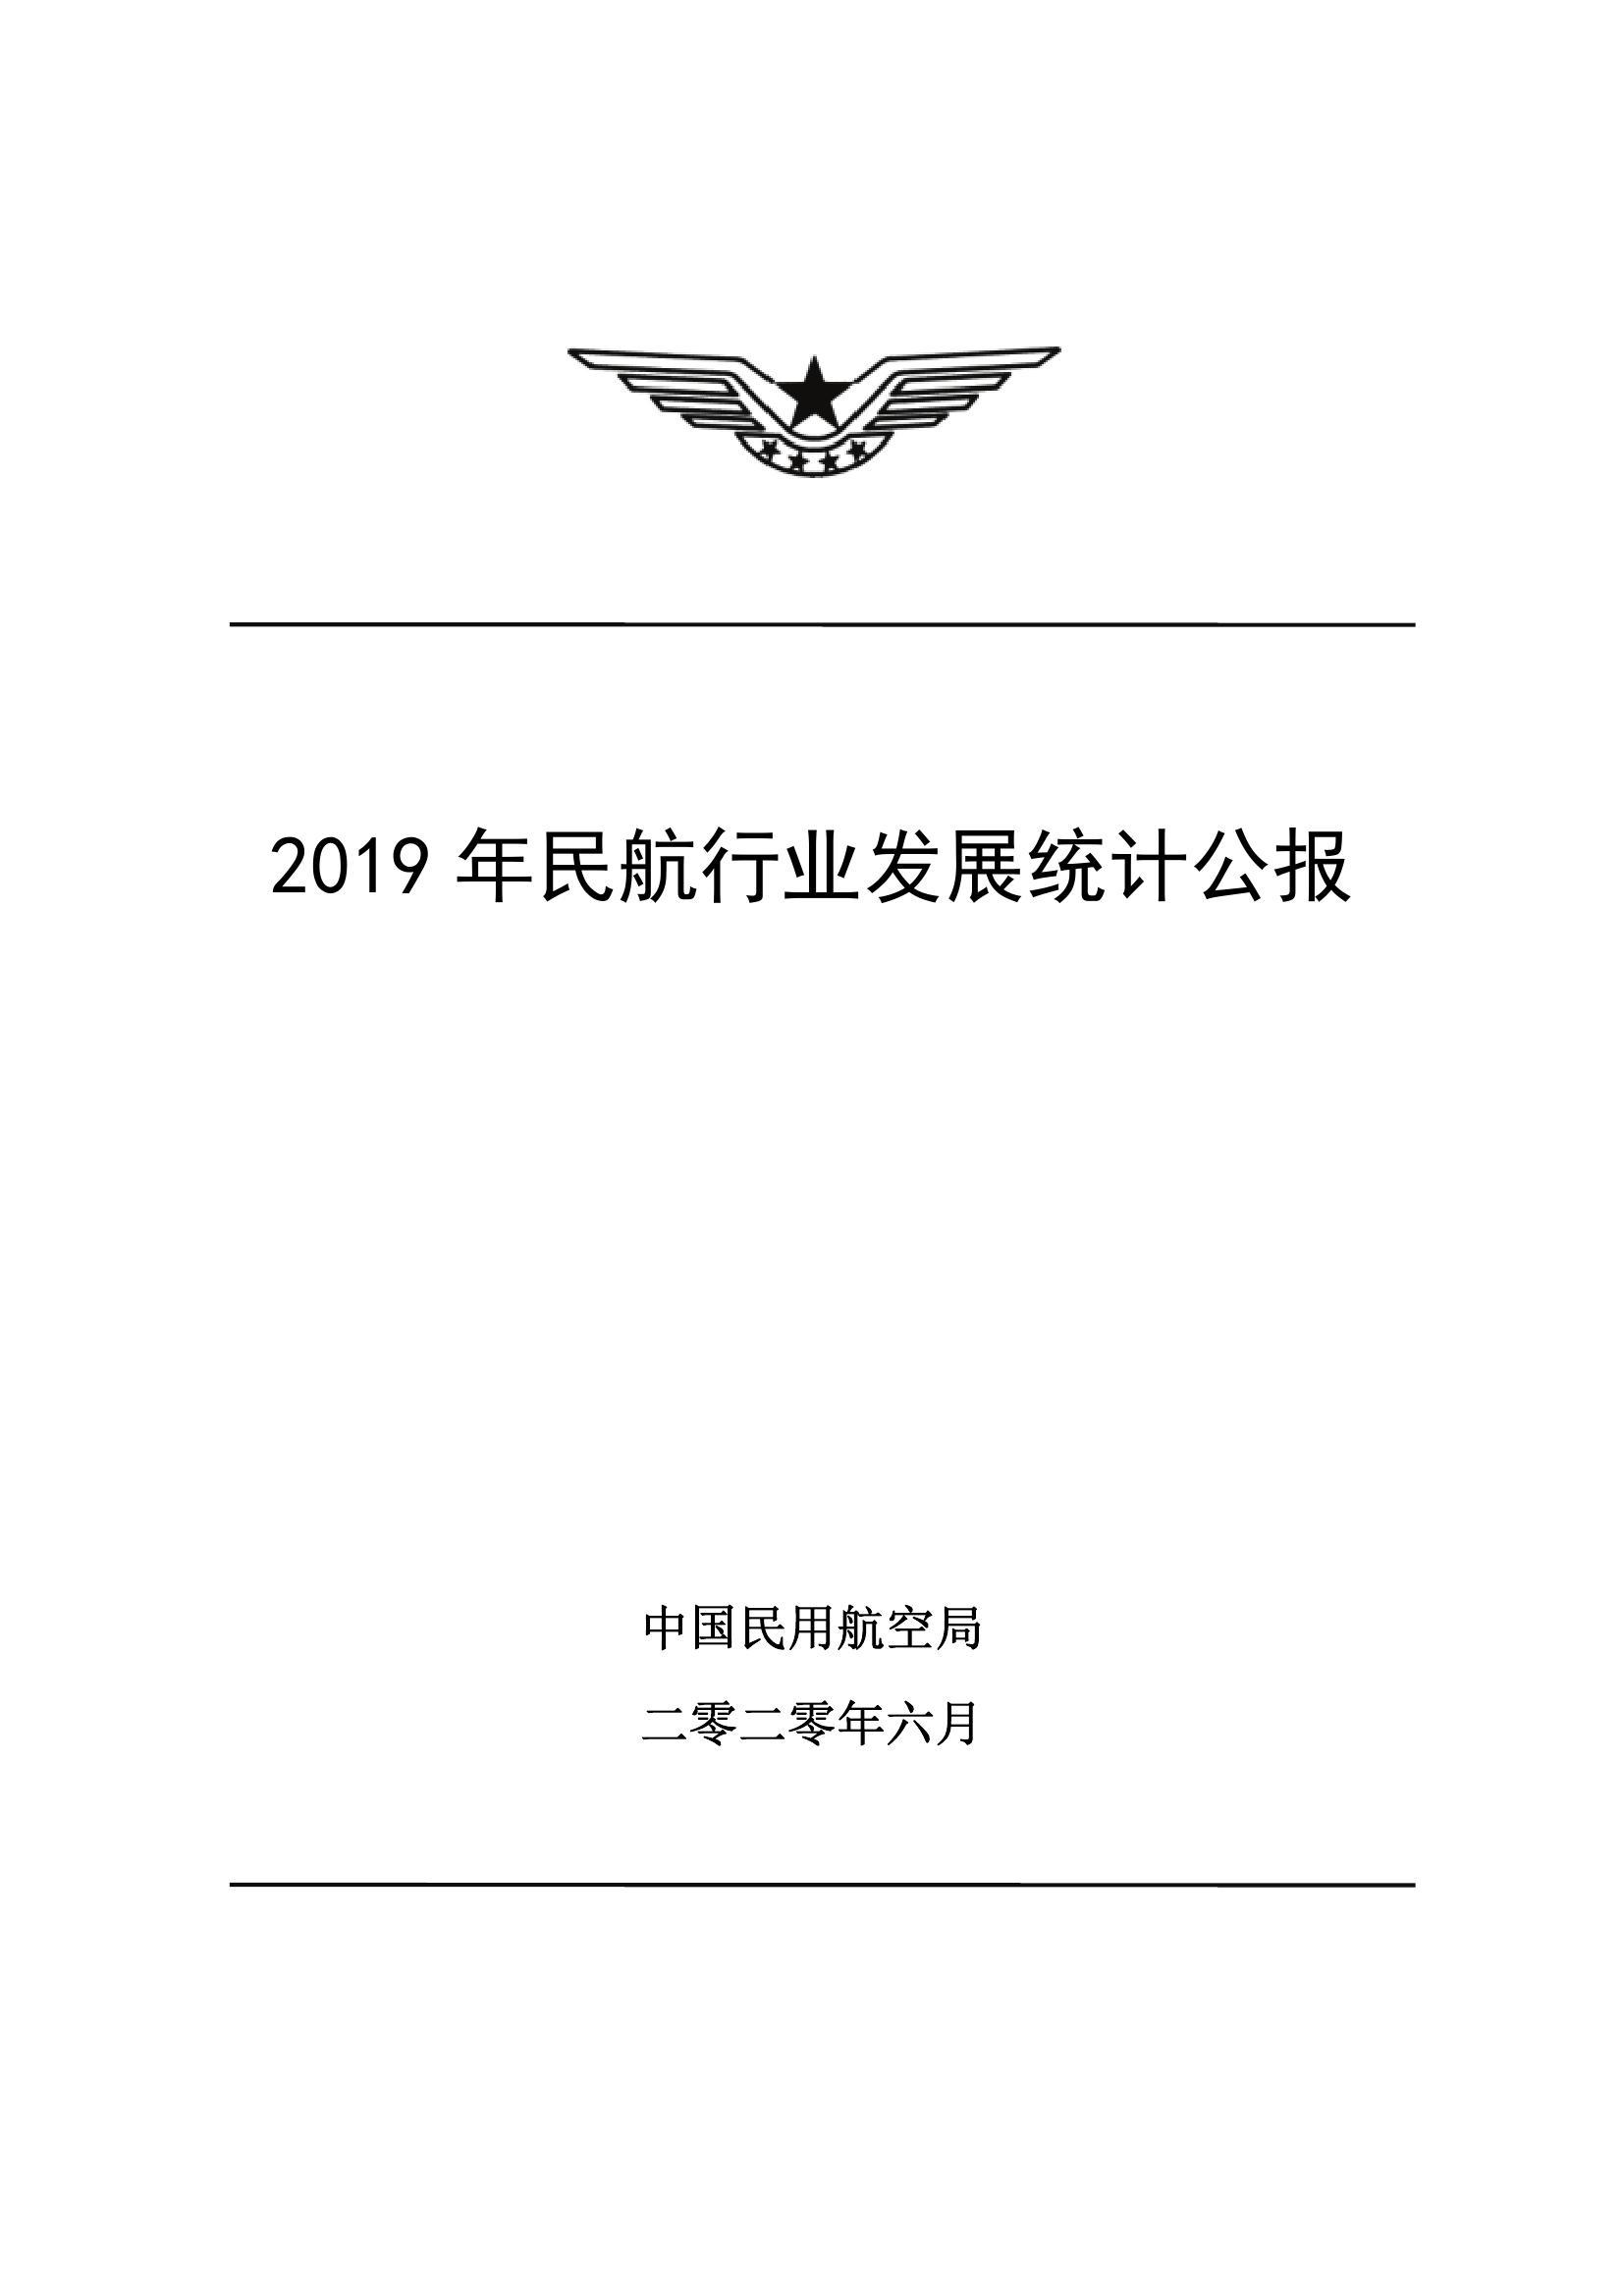 中国民航局:2019年民航行业发展统计公报